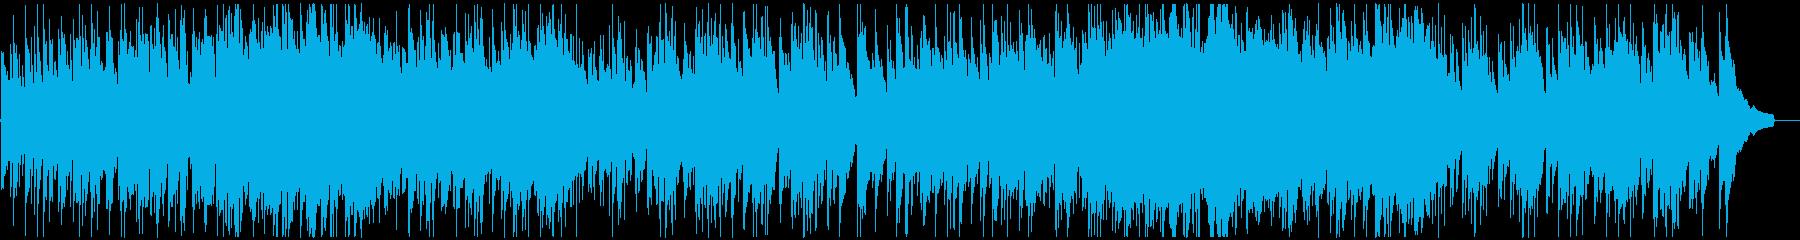 温かい日常 会話シーン向けの曲の再生済みの波形